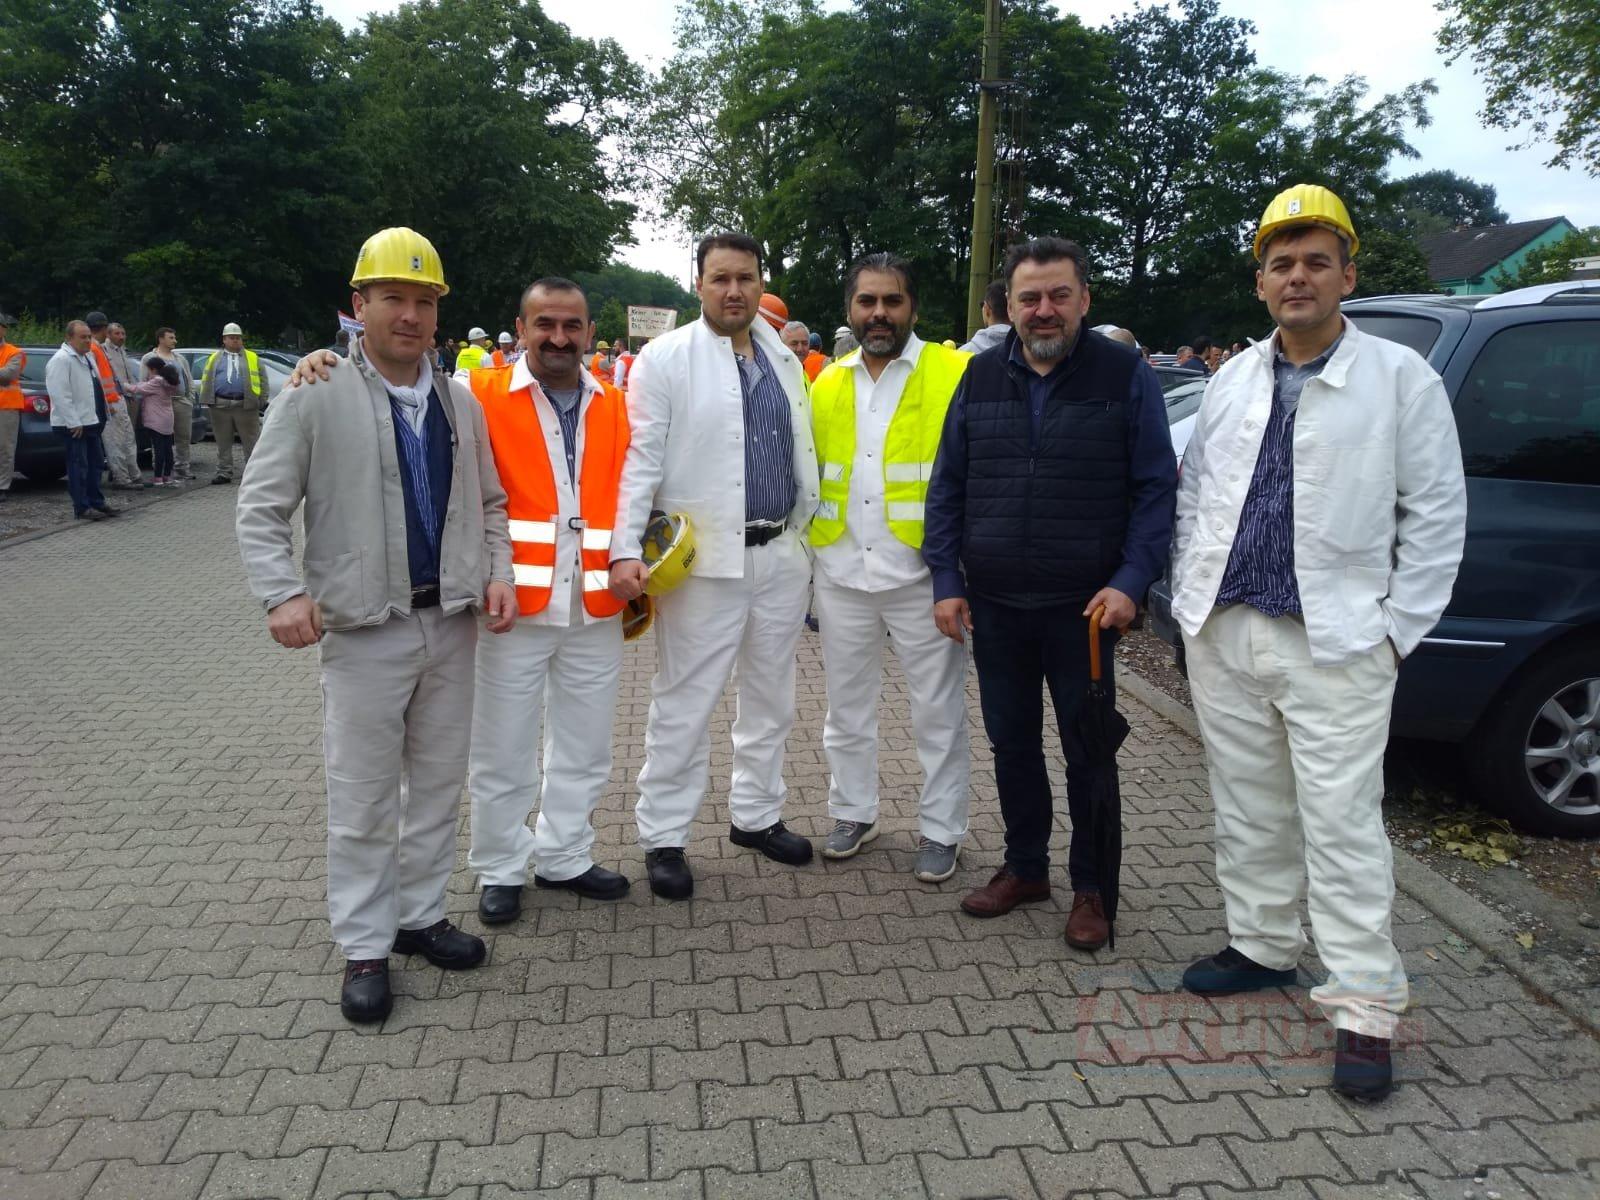 İşten çıkarılan maden işçilerine yürüyüşlü destek